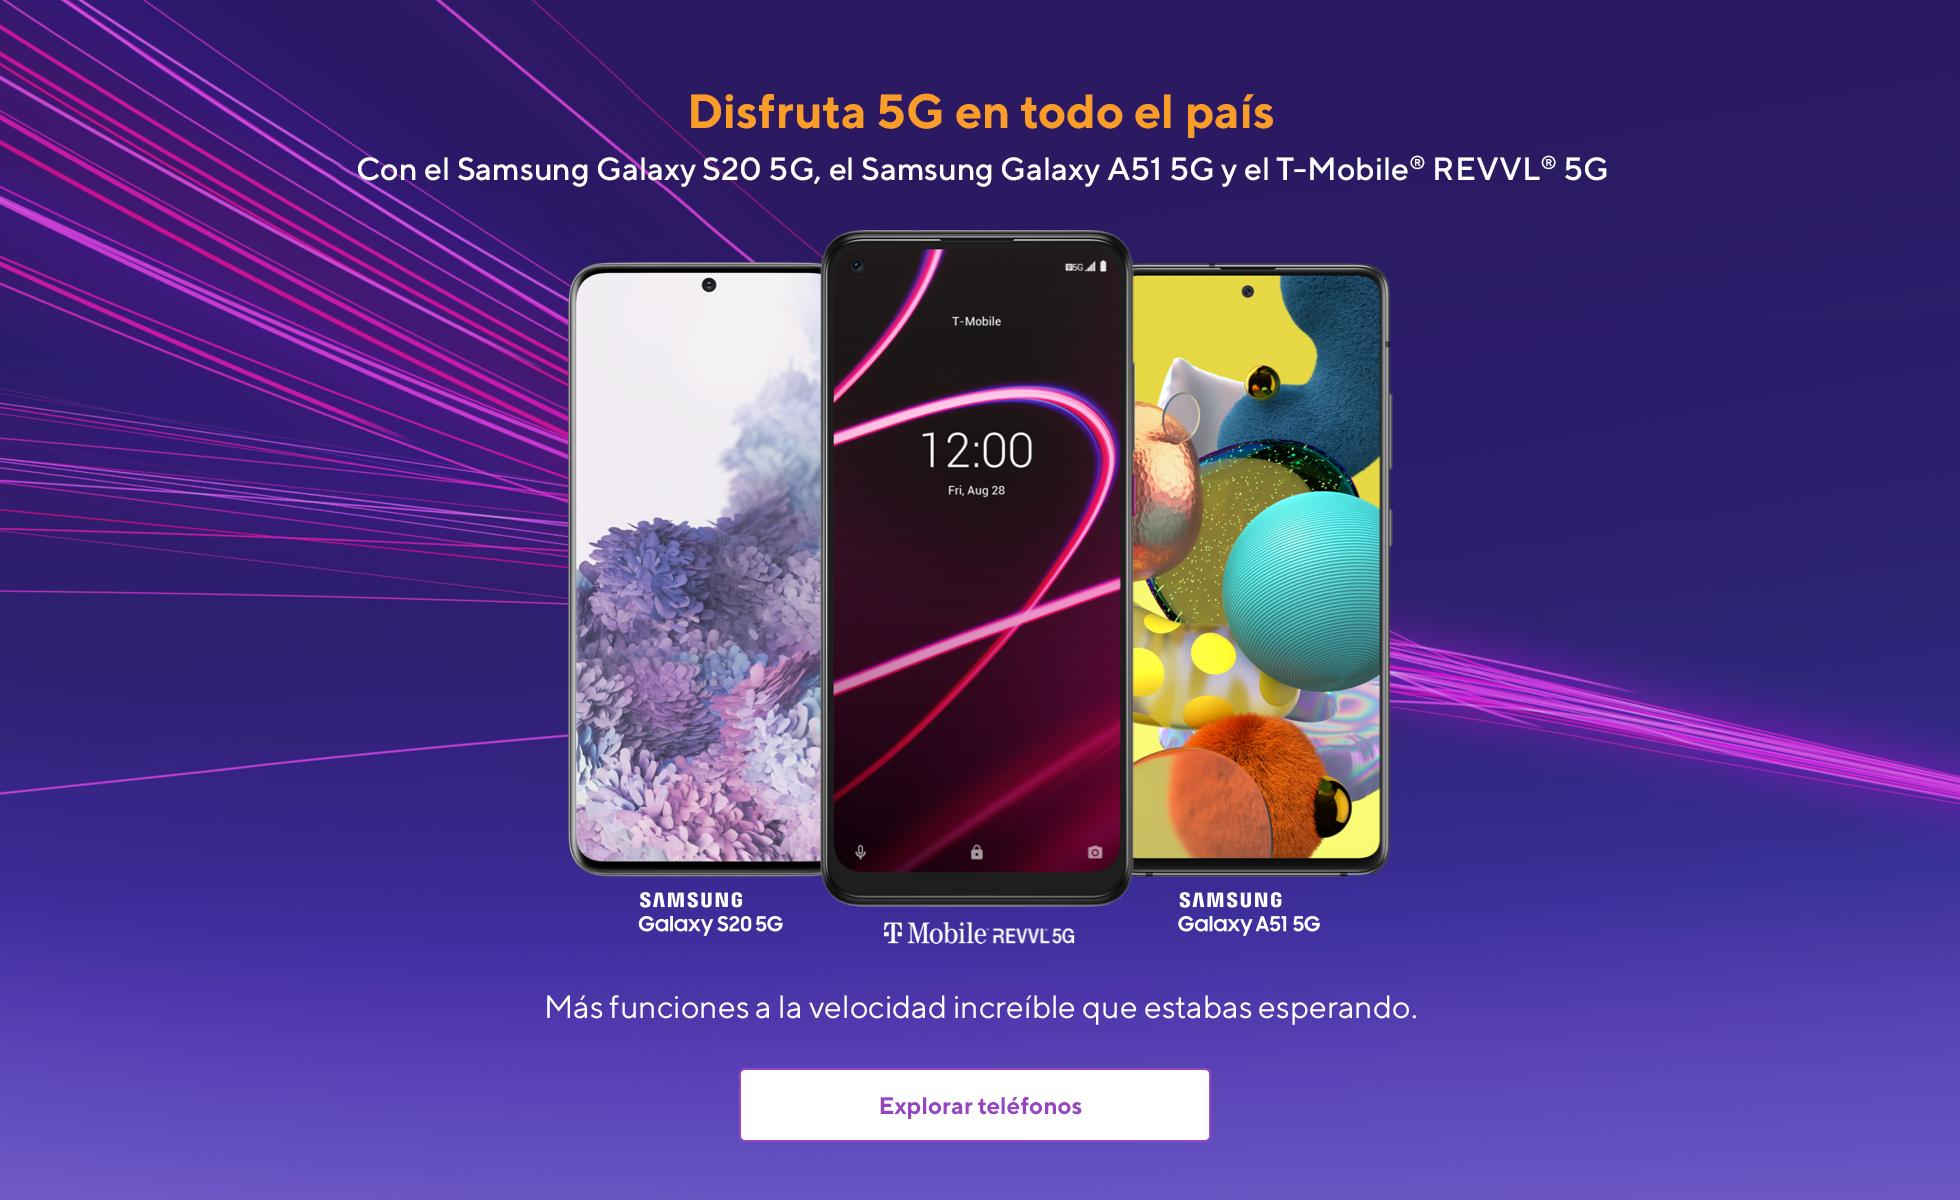 Experimenta la red 5G nacional en todo el país conelSamsung Galaxy S20 5G, Samsung Galaxy A21 5G y el REVVL 5G deT-Mobile